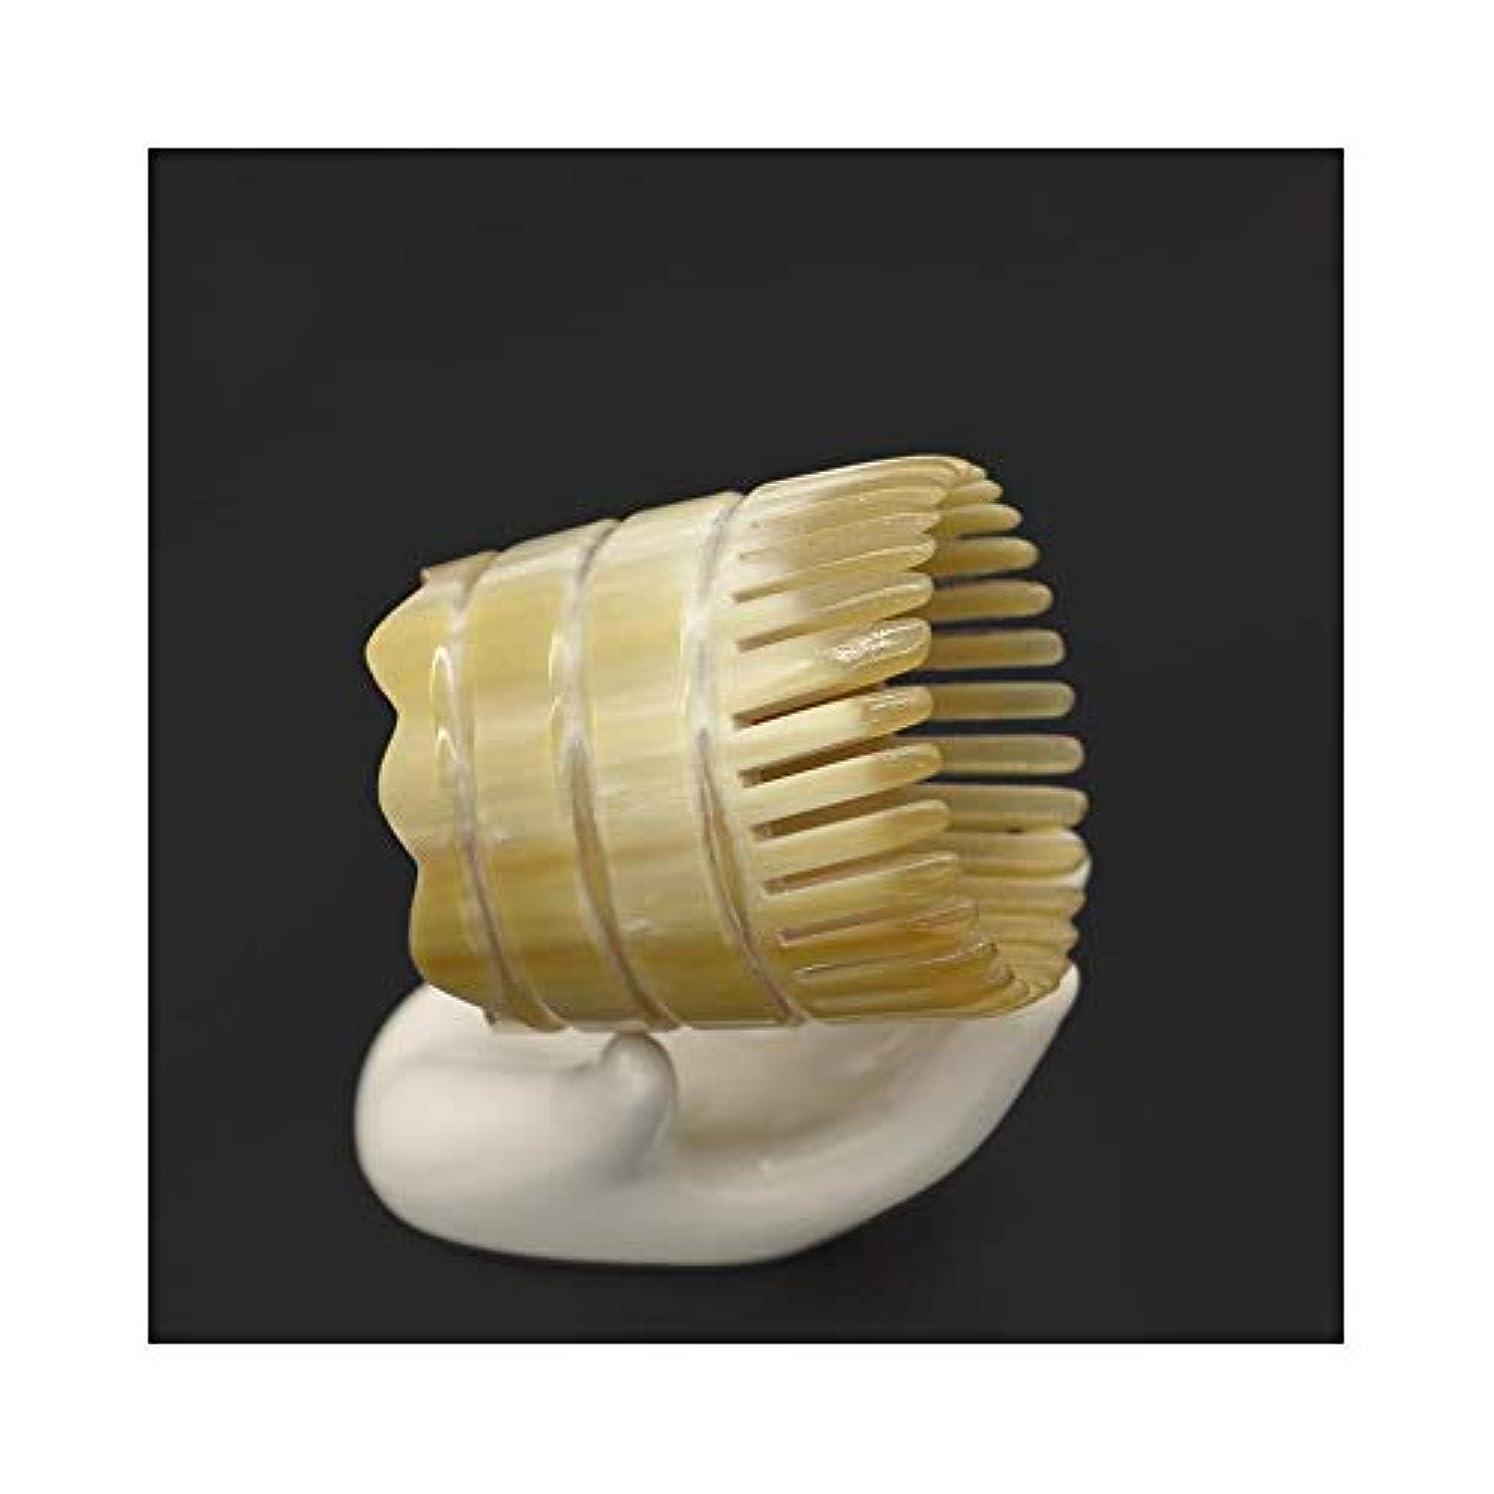 報酬の昼寝タンザニア頭皮マッサージコーム静的な手作りのくしための自然くし ヘアケア (色 : B)